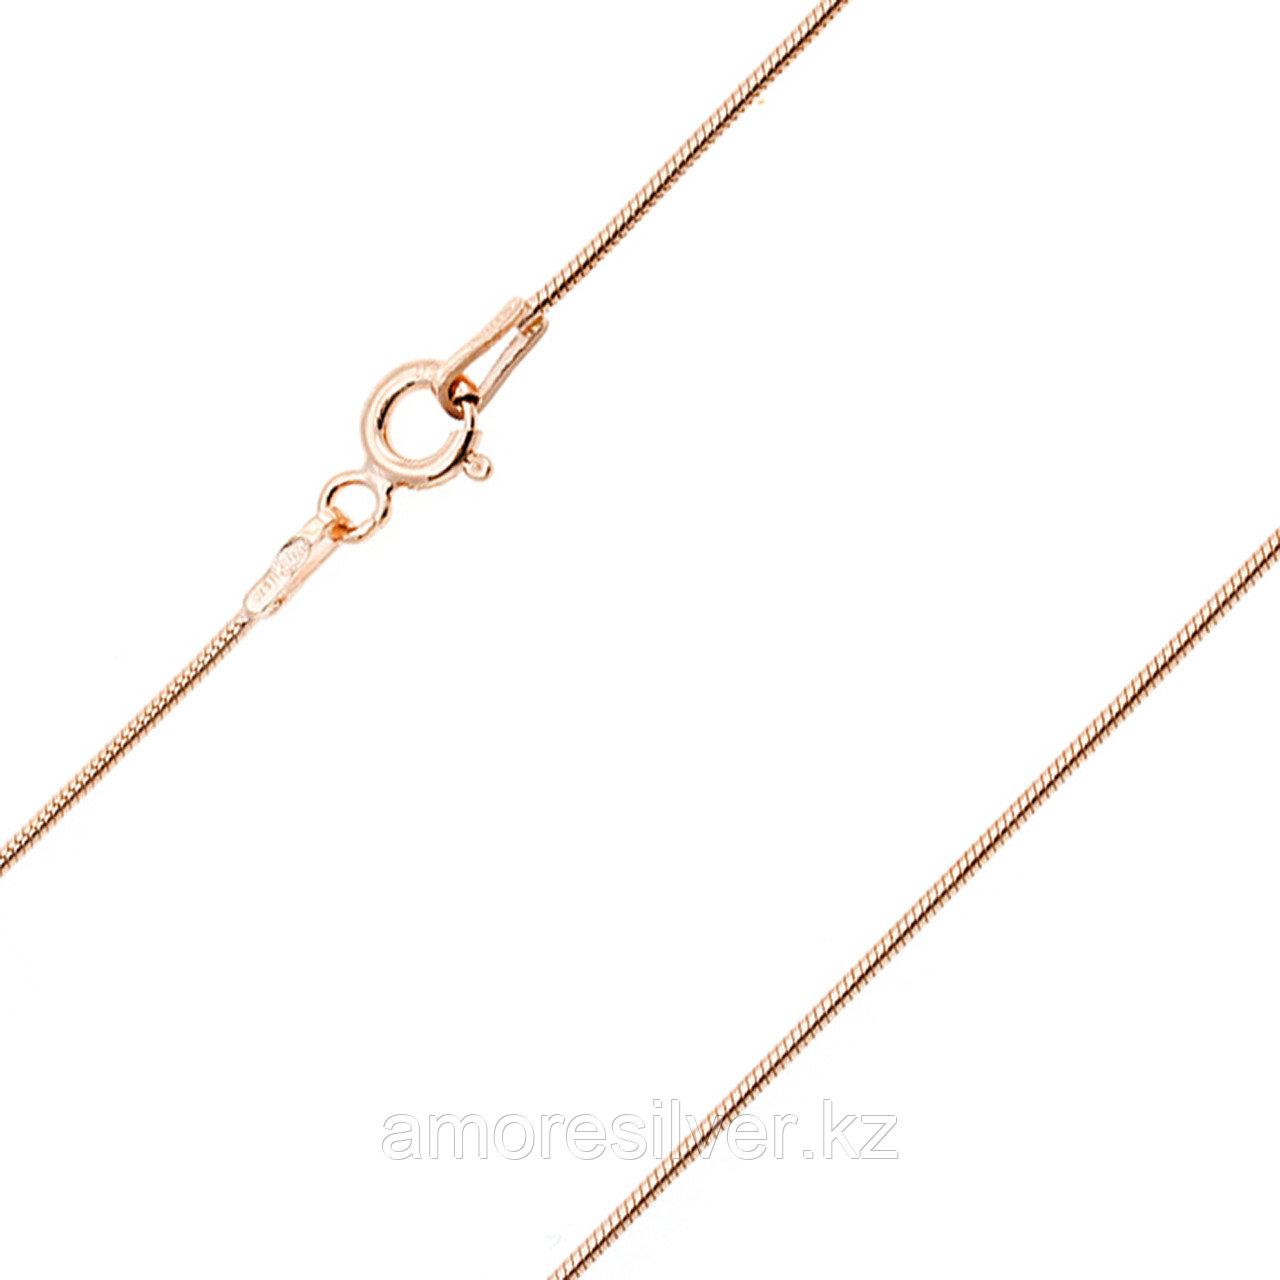 Серебряная цепь   Teosa AU GROT-020-50 размеры - 50